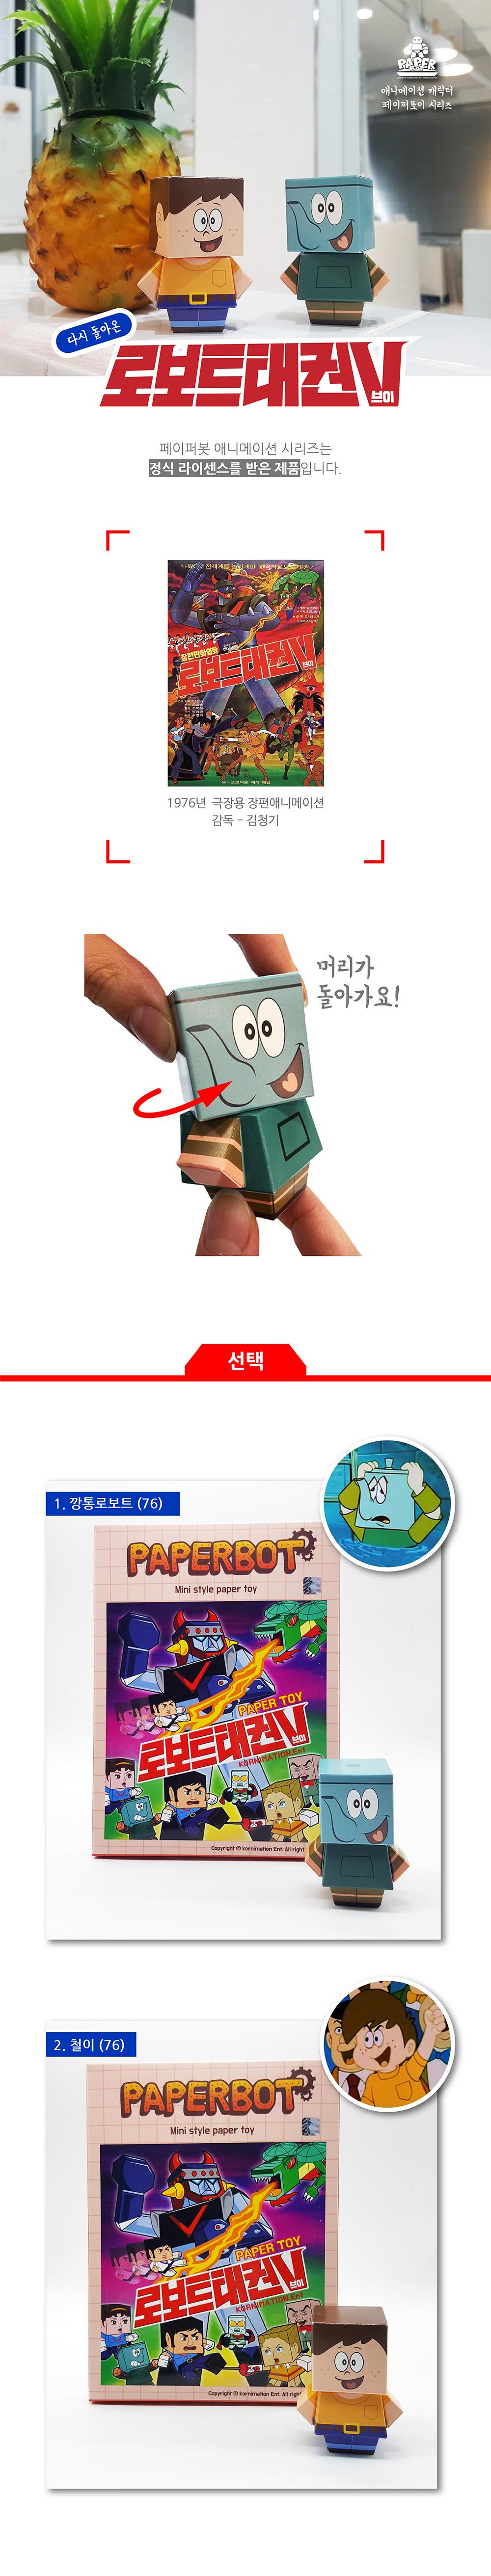 미니스타일 페이퍼토이 - 태권브이 시리즈2 깡통철이 - 페이퍼봇, 4,000원, 페이퍼 토이, 캐릭터